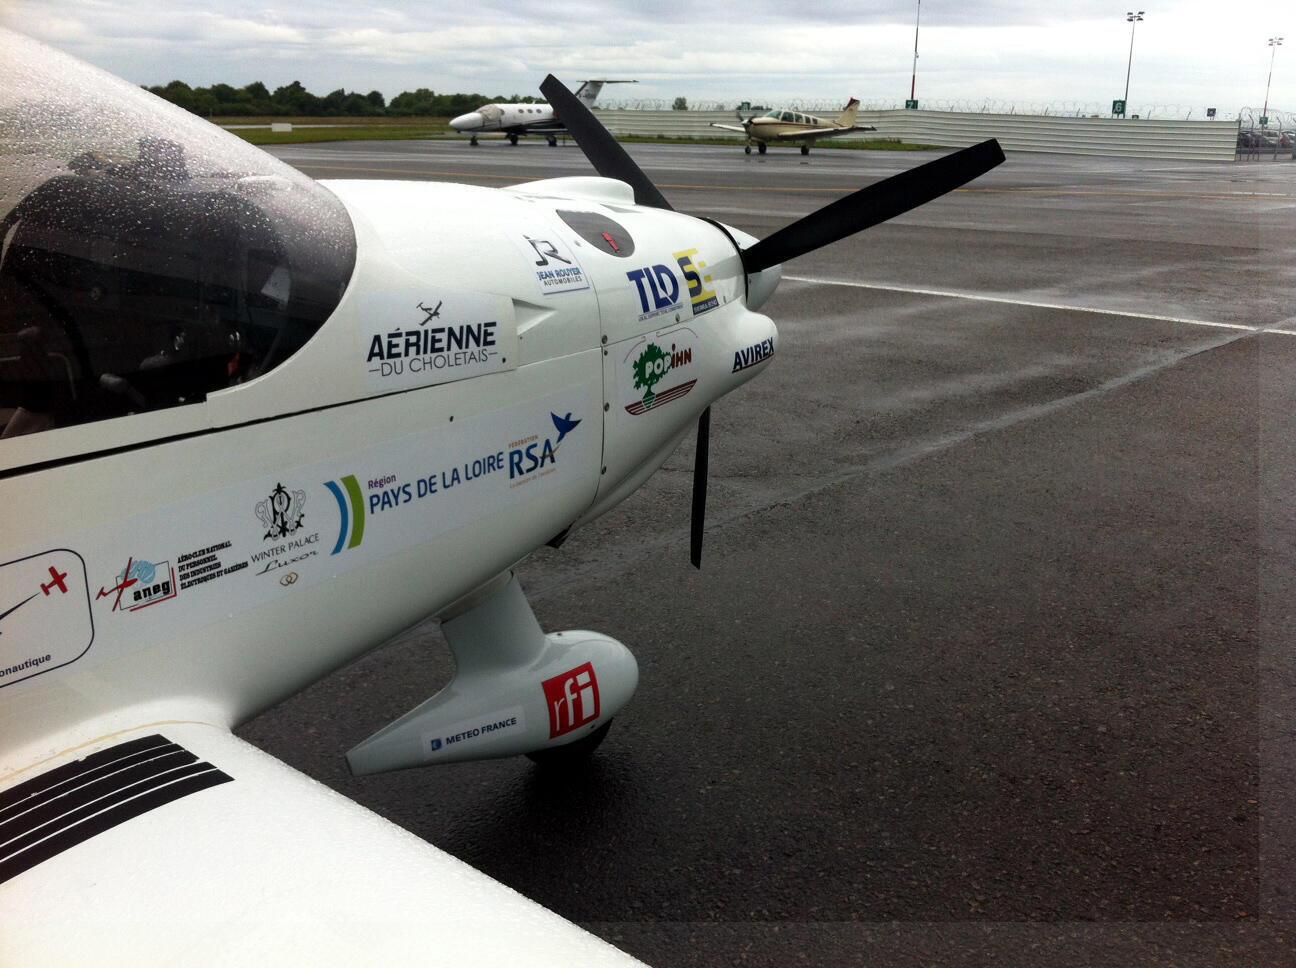 Если вы увидели на Камчатке этот самолет, значит к вам прибыл экипаж кругосветки «Жюль Верн»